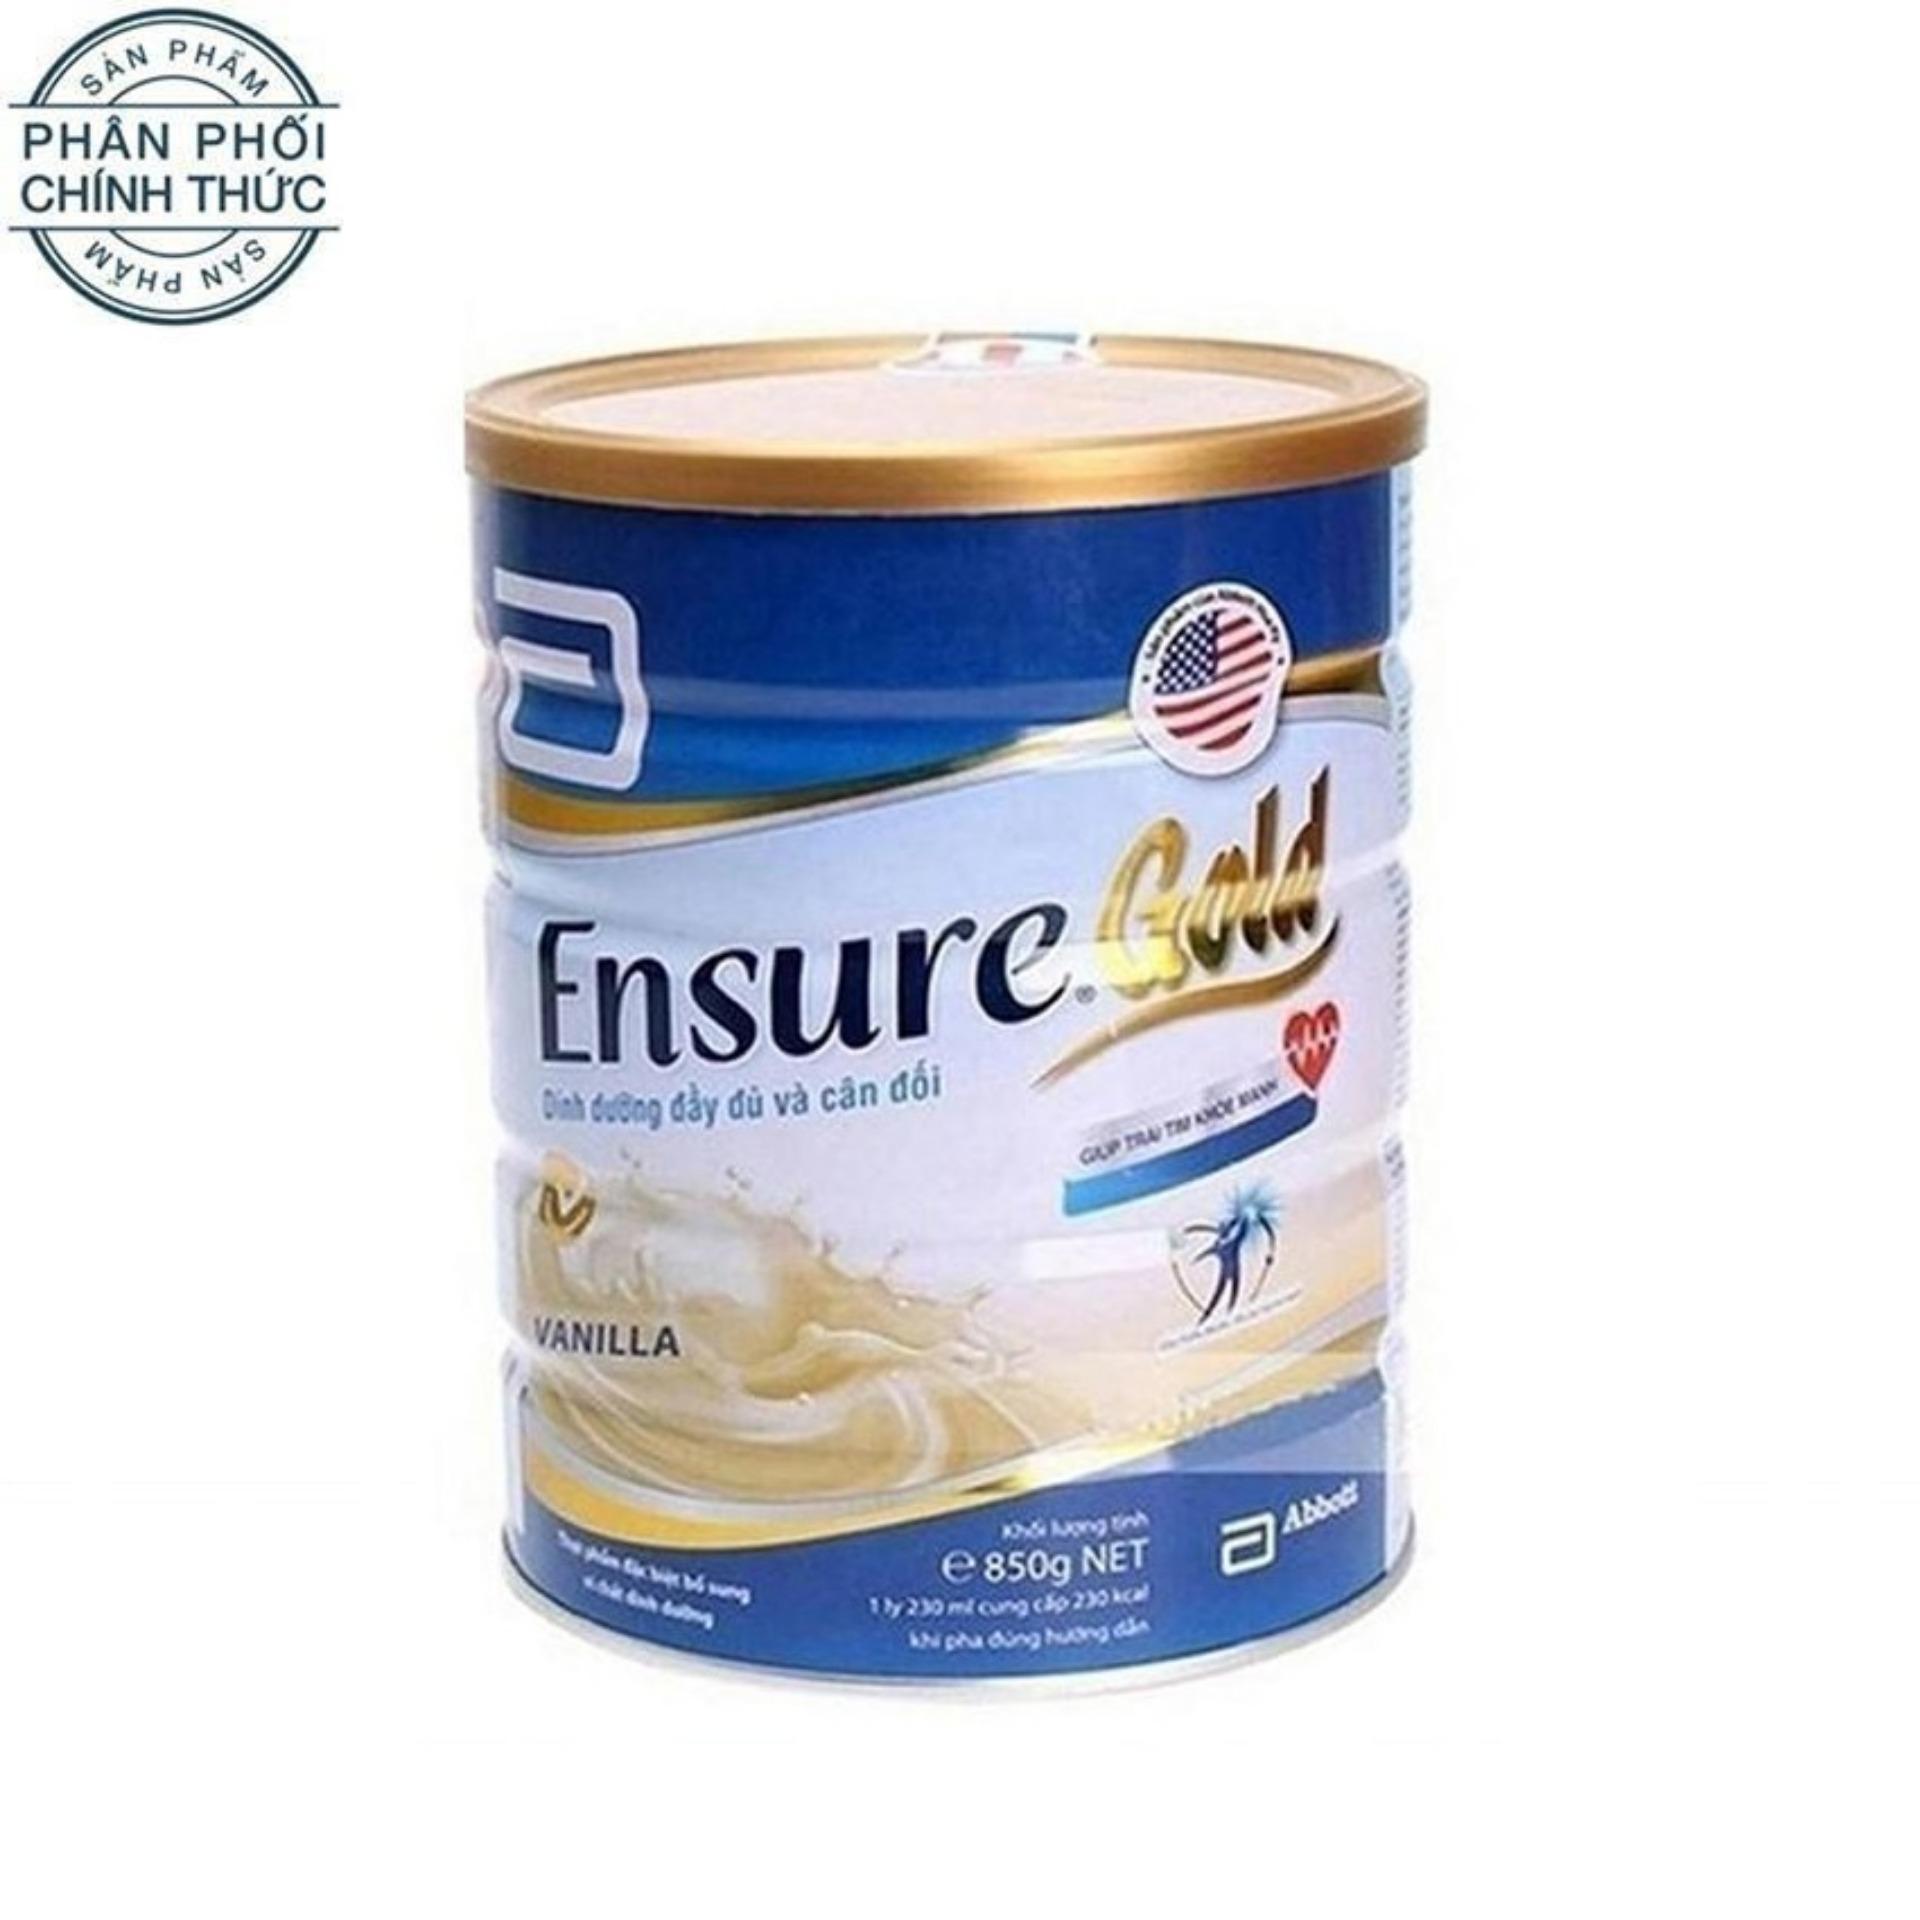 Hình ảnh Lon sữa bột Ensure Gold Hương Vani 850g.